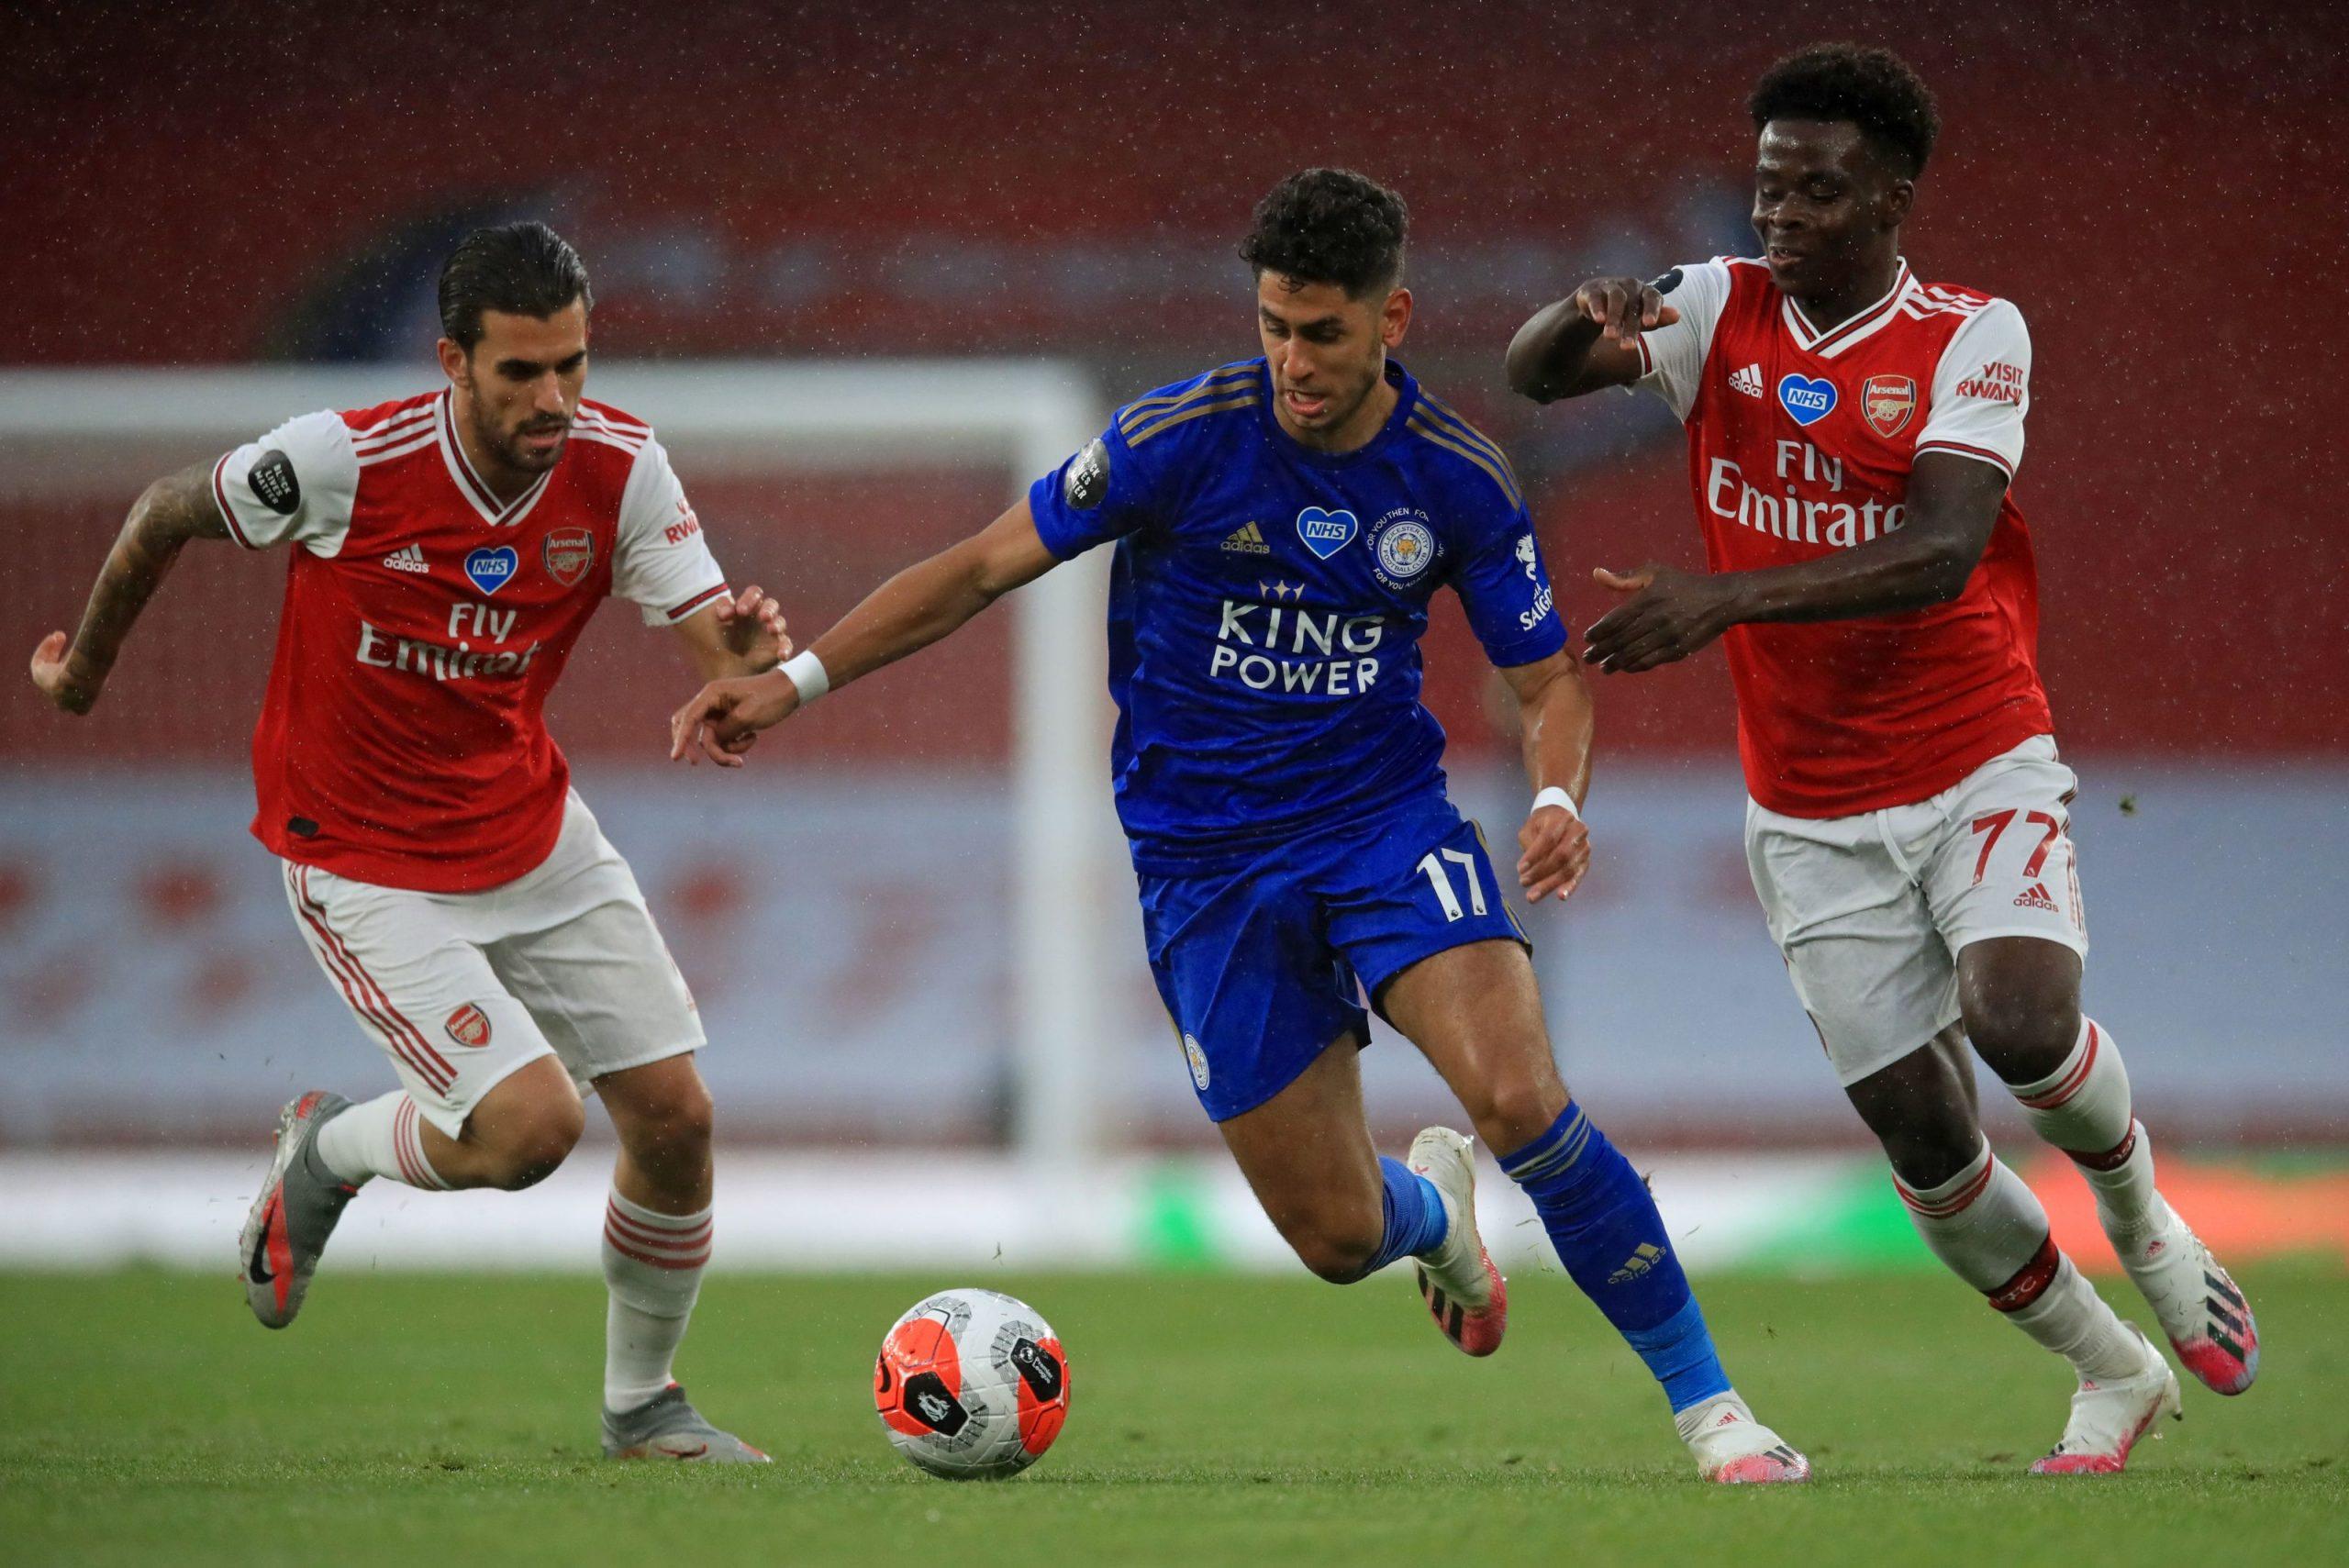 Soi kèo Leicester vs Arsenal